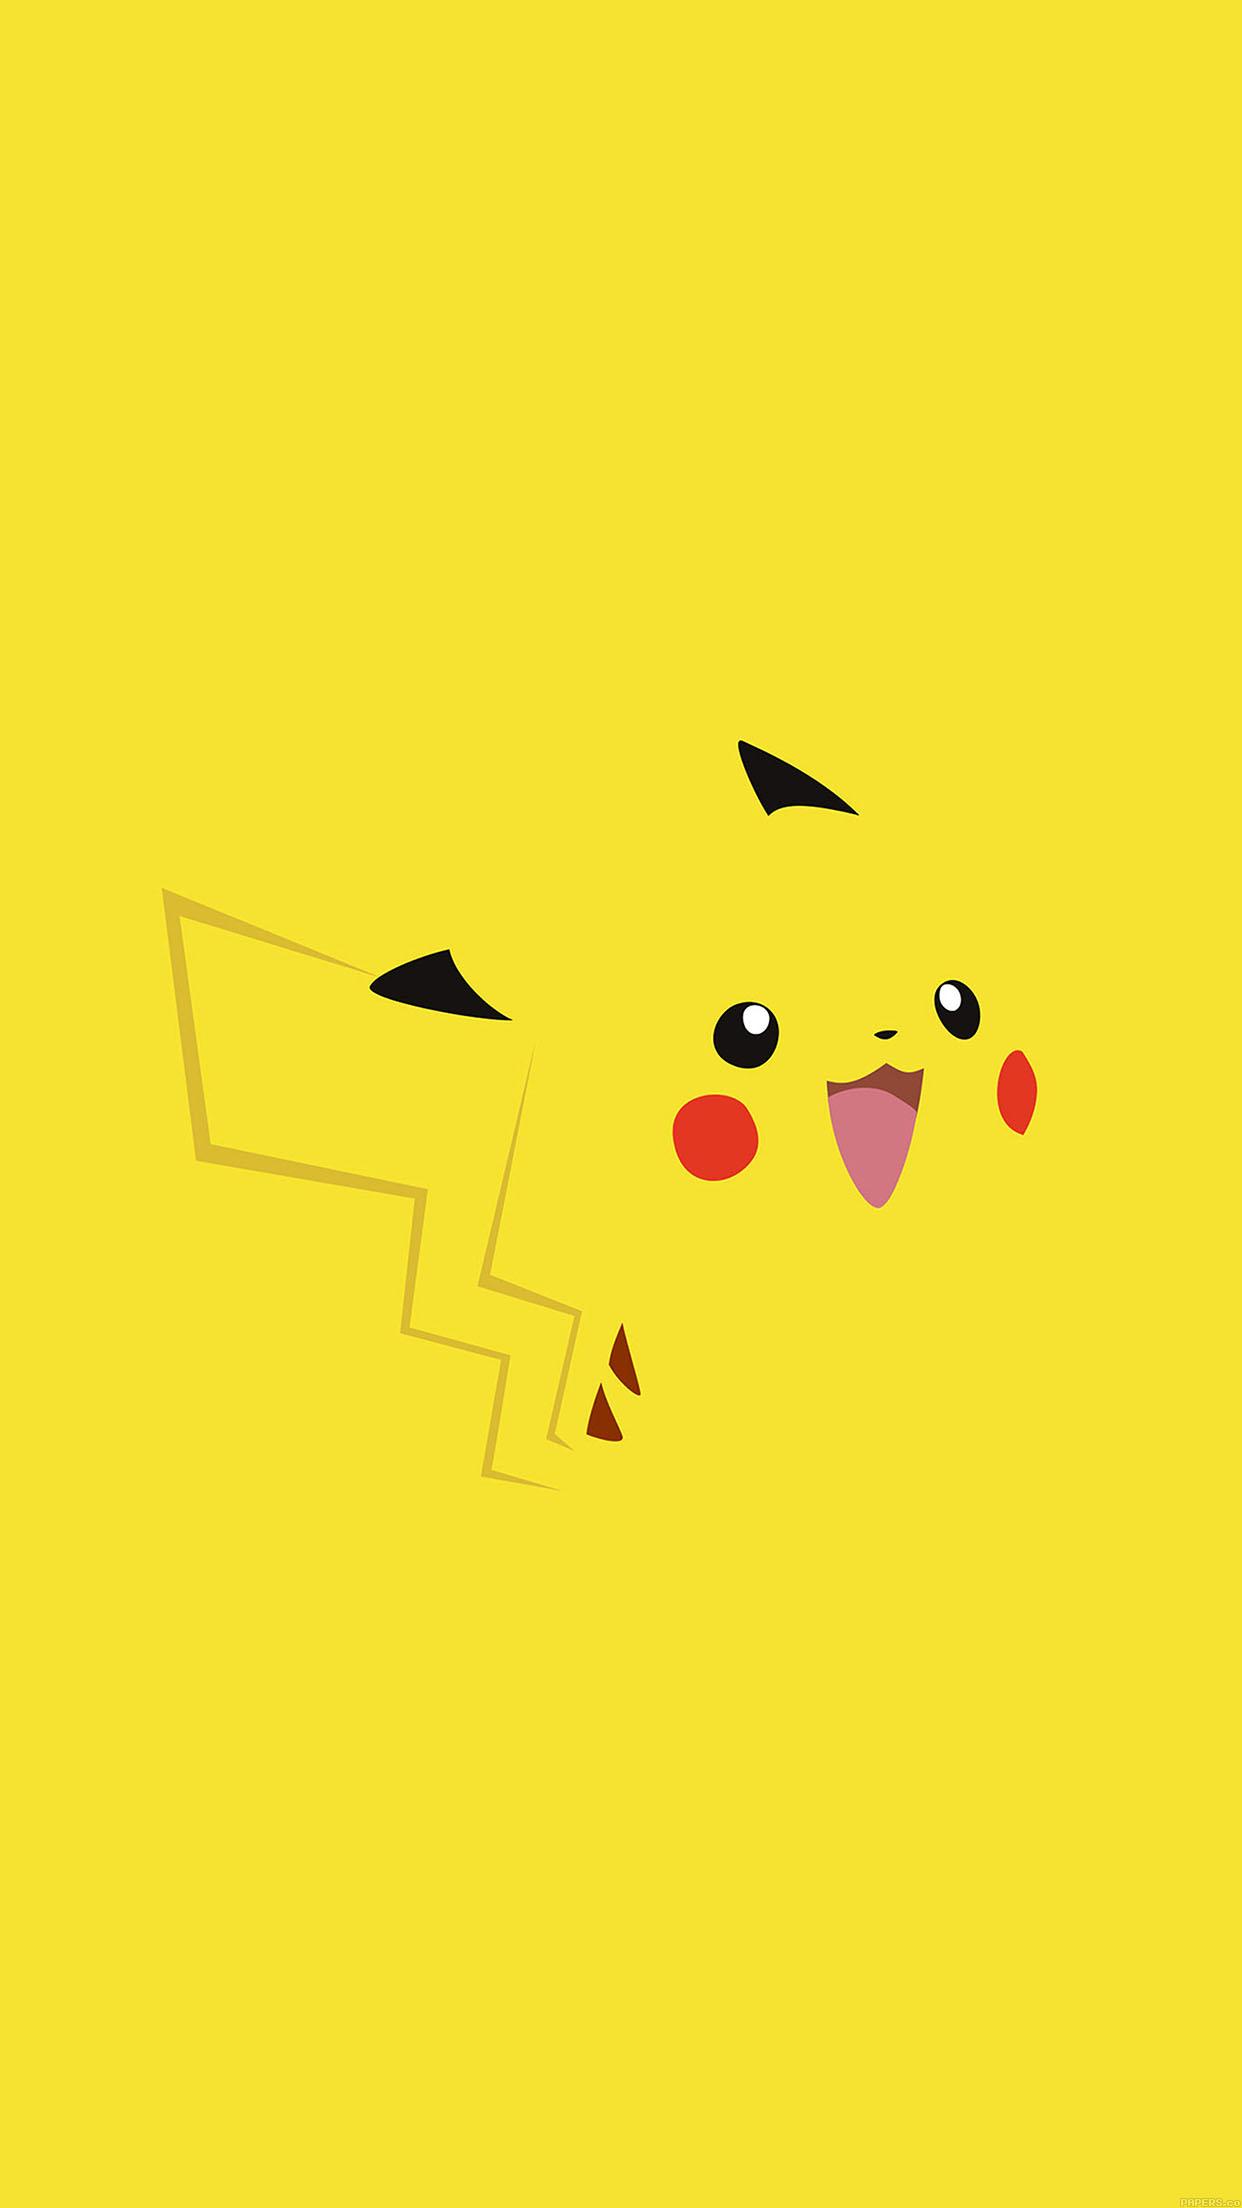 Aa35 pika pikachu illust minimal art for Minimal art essay